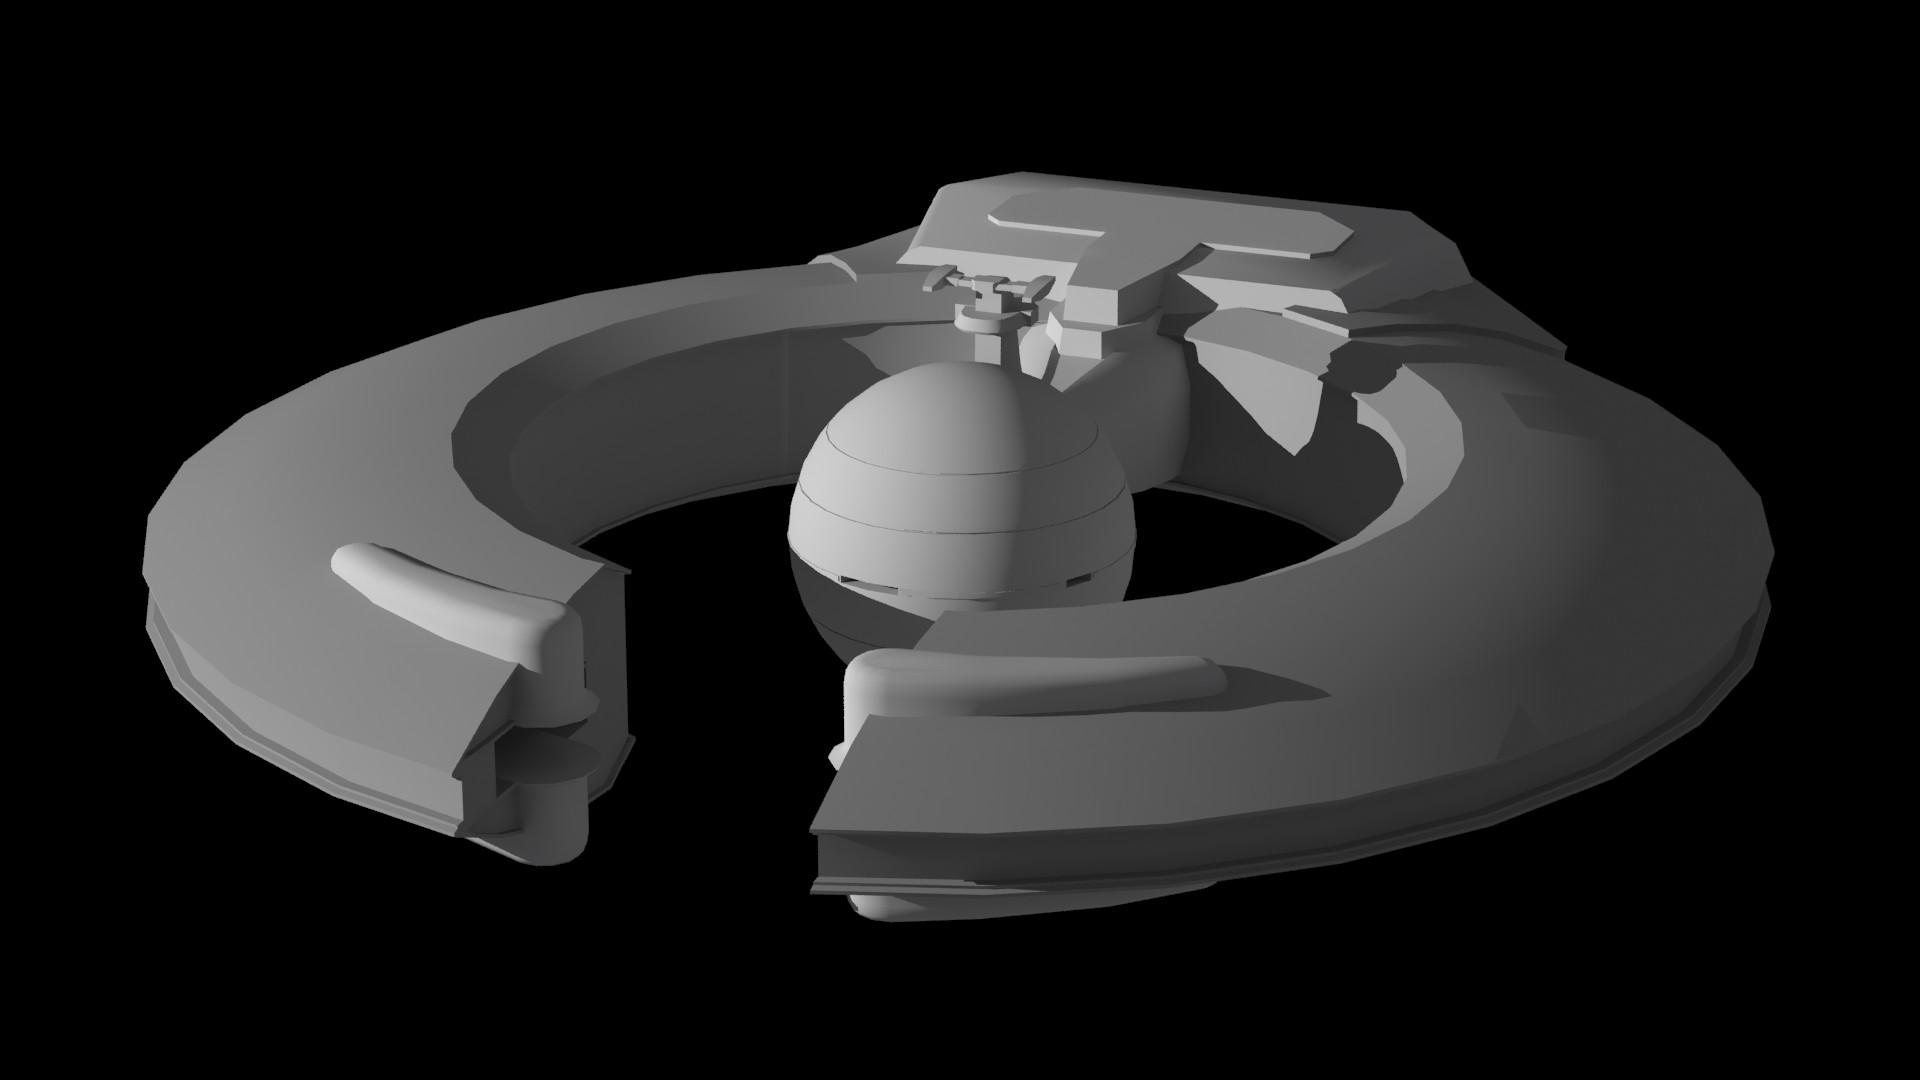 Lucrehulk-class Battleship by Morthon